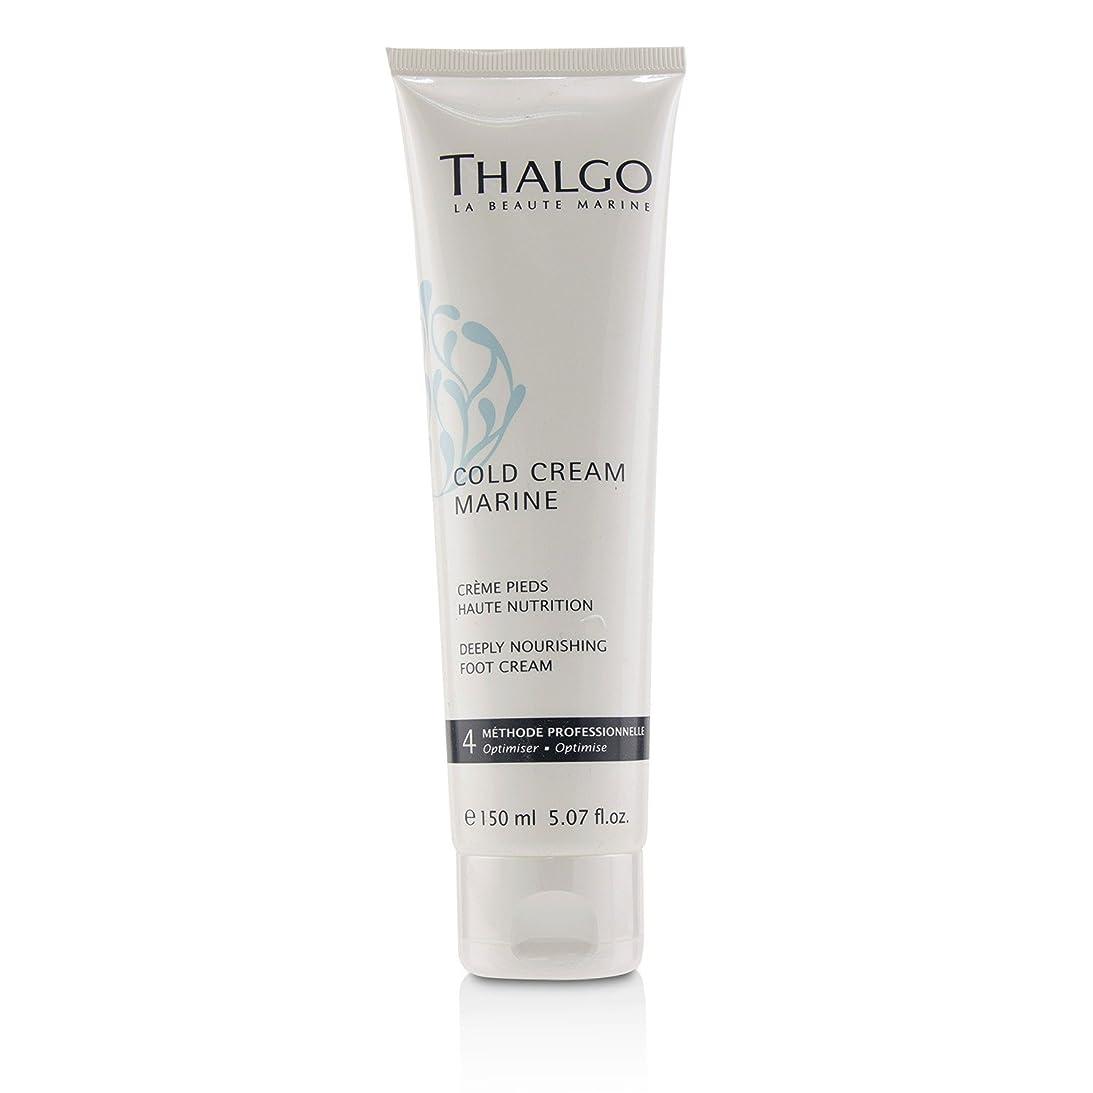 バー配管工理容室タルゴ Cold Cream Marine Deeply Nourishing Foot Cream - For Dry, Very Dry Feet (Salon Size) 150ml/5.07oz並行輸入品